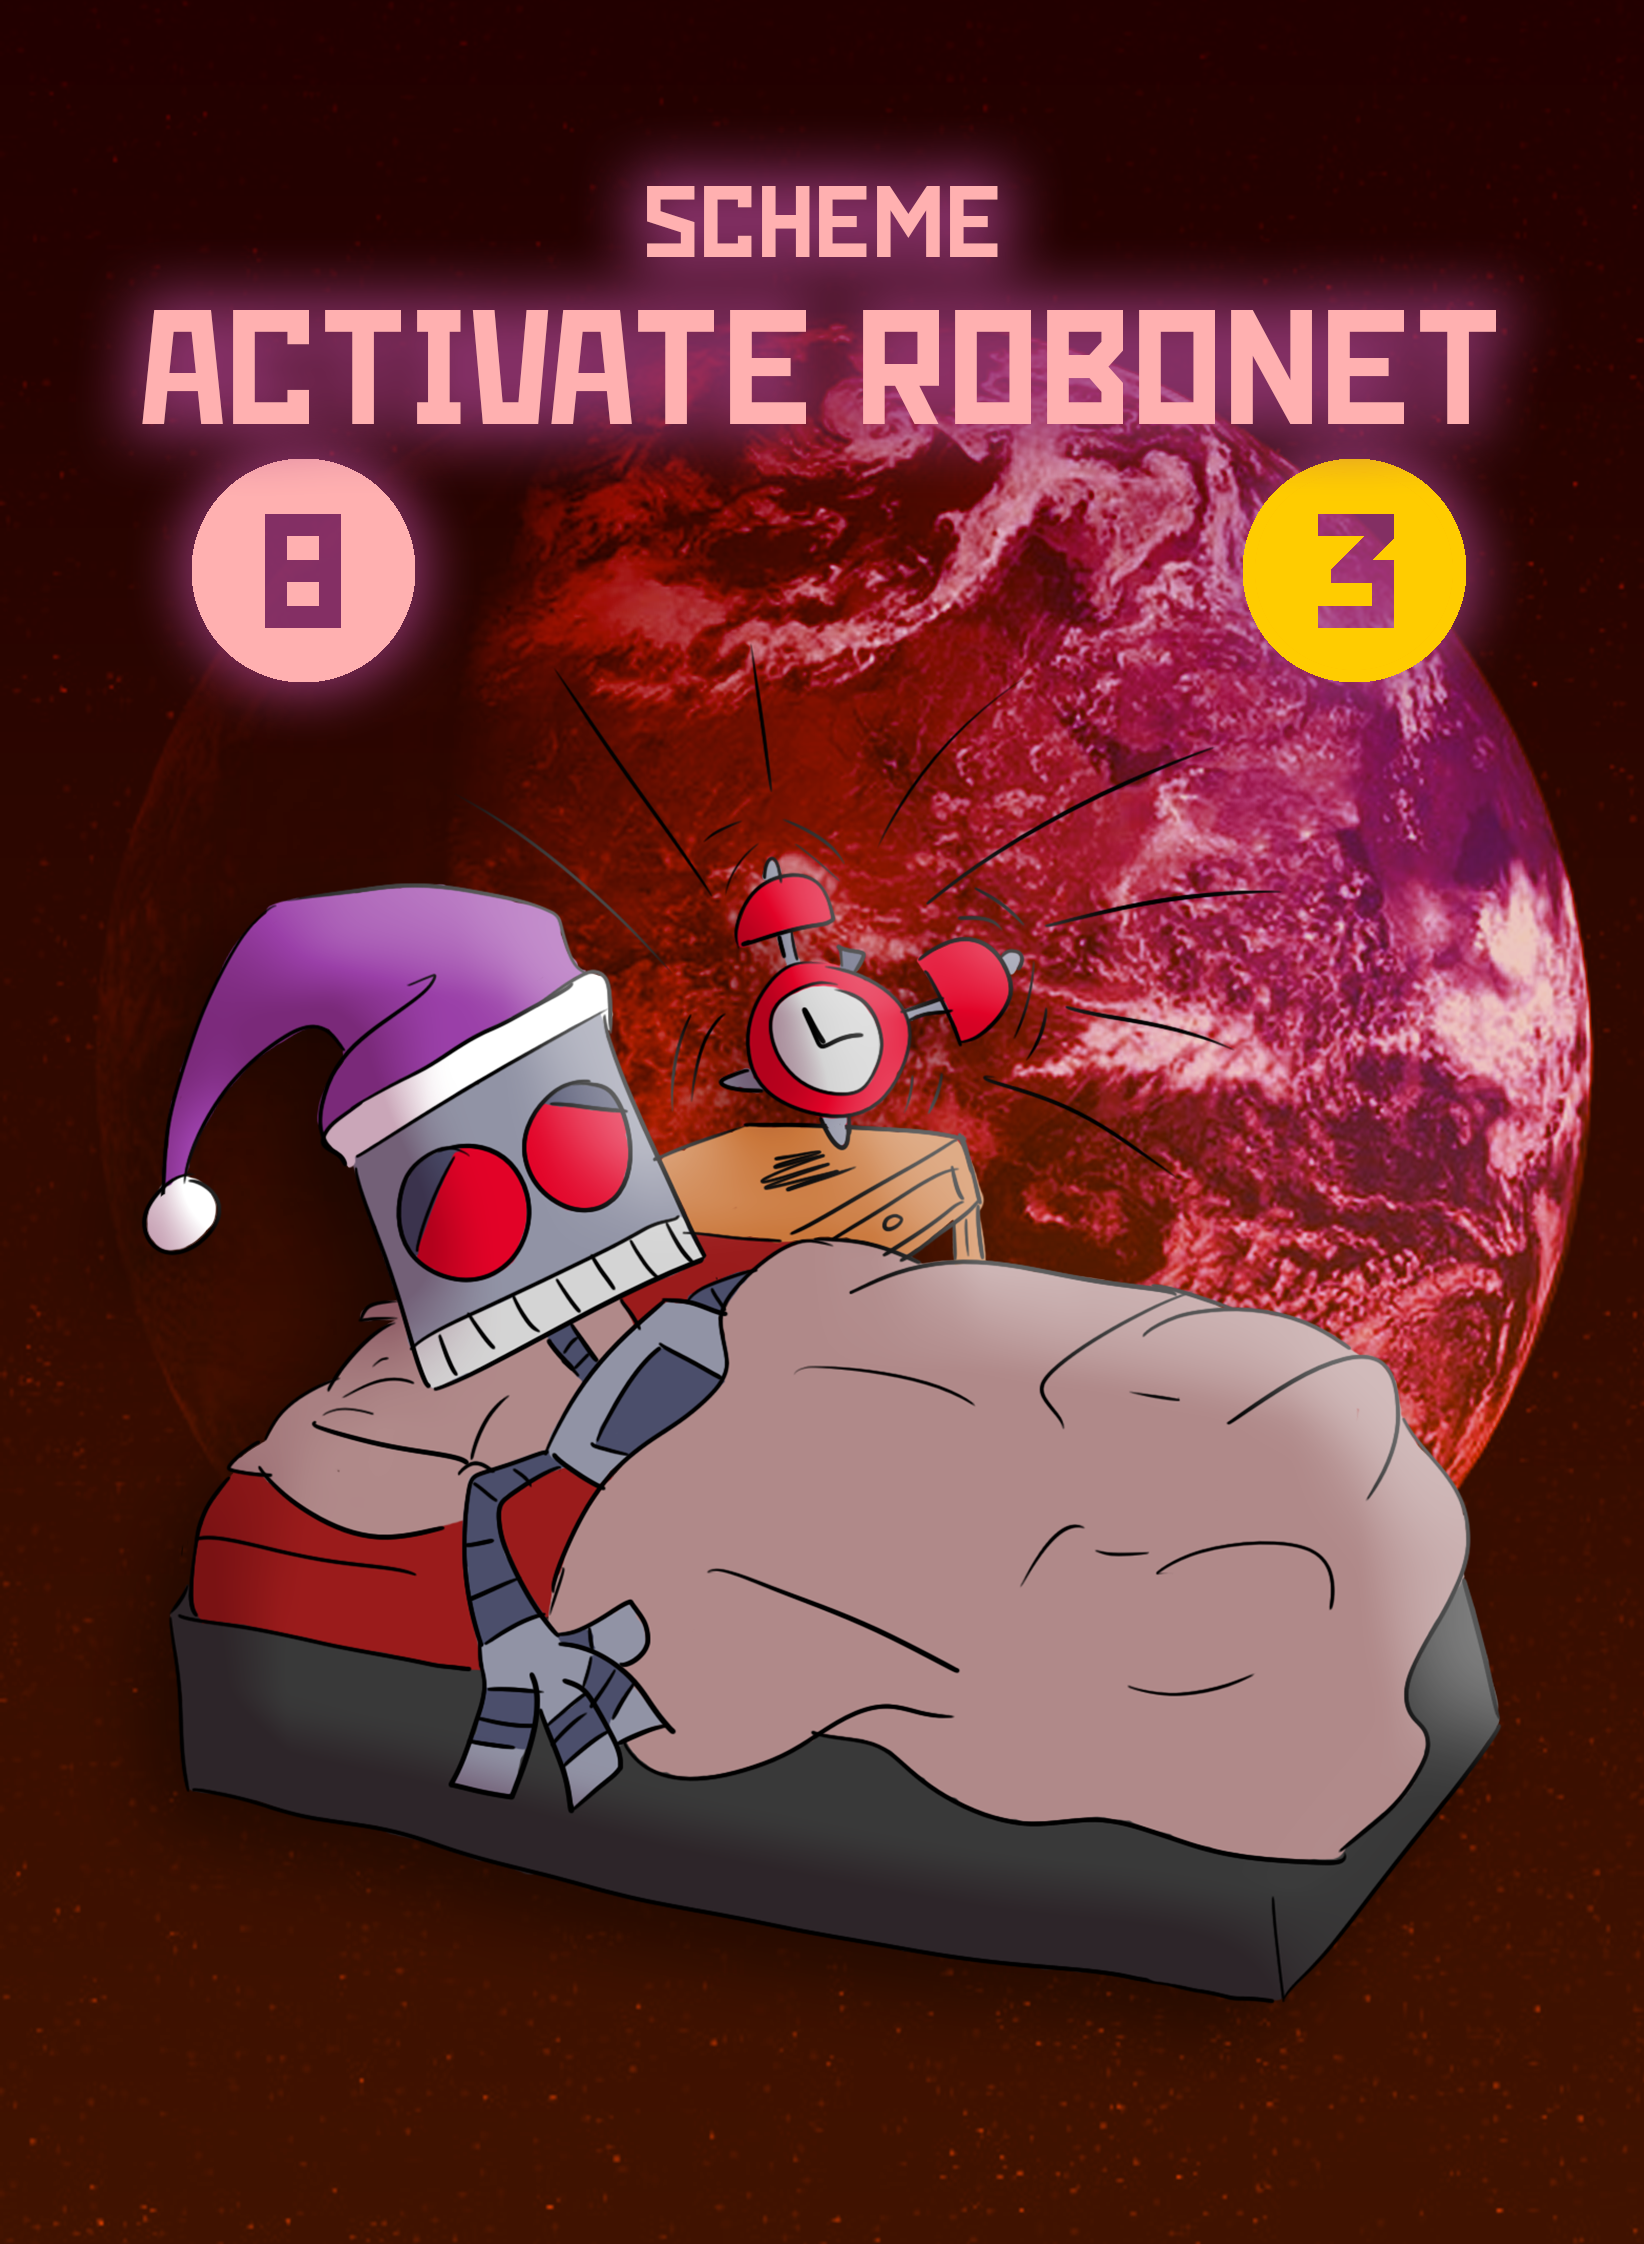 dastardly-scheme-activate robonet.png